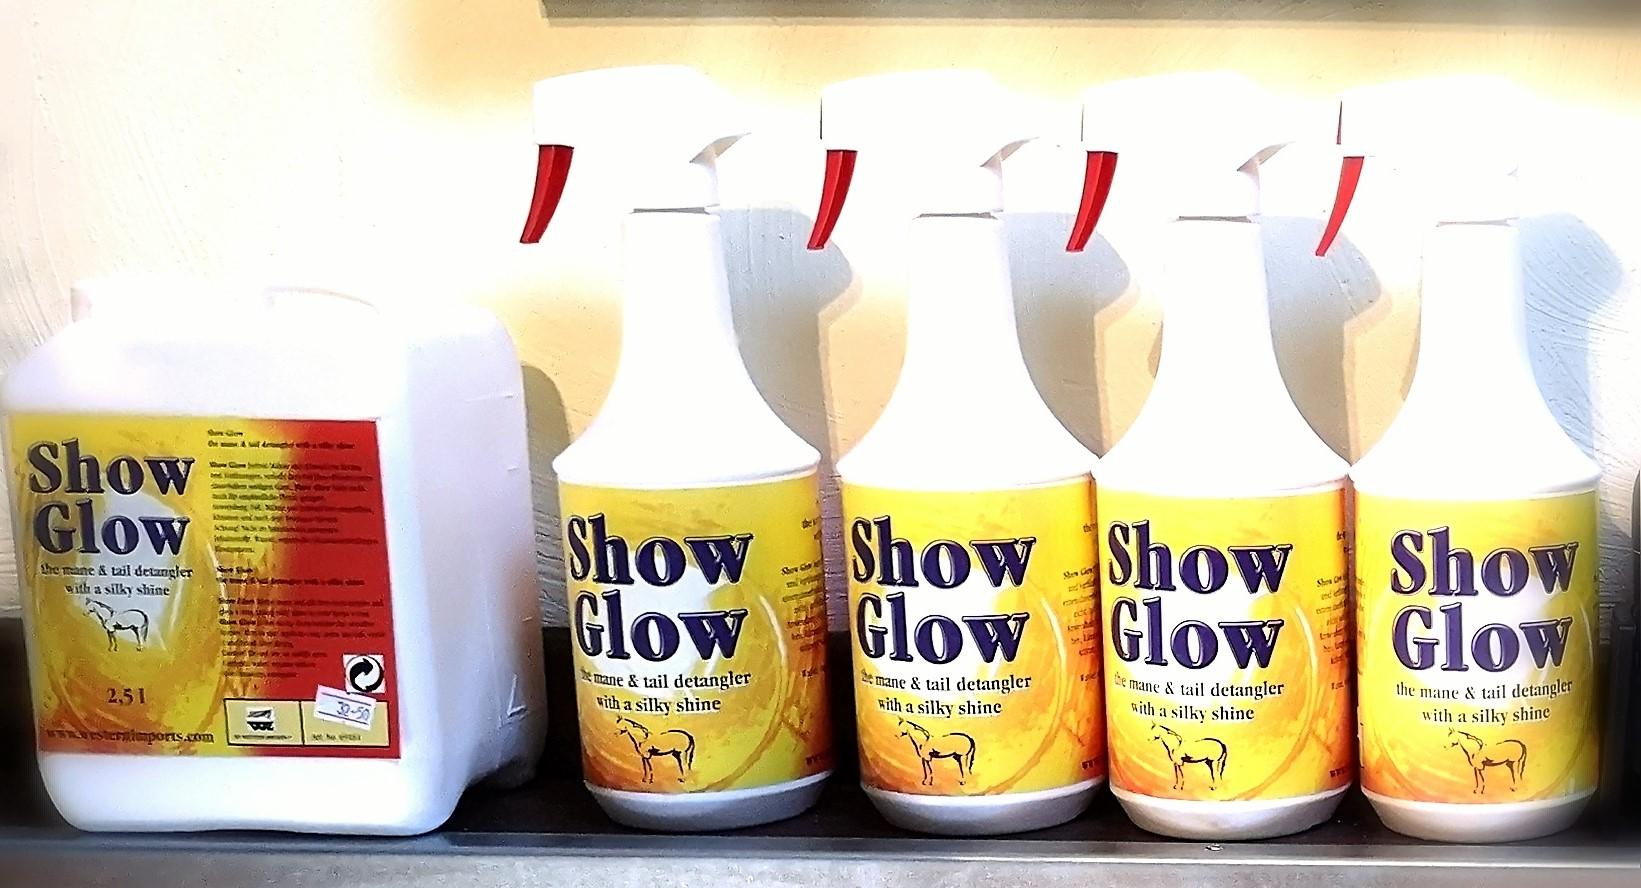 Fellglanz, Show Glow